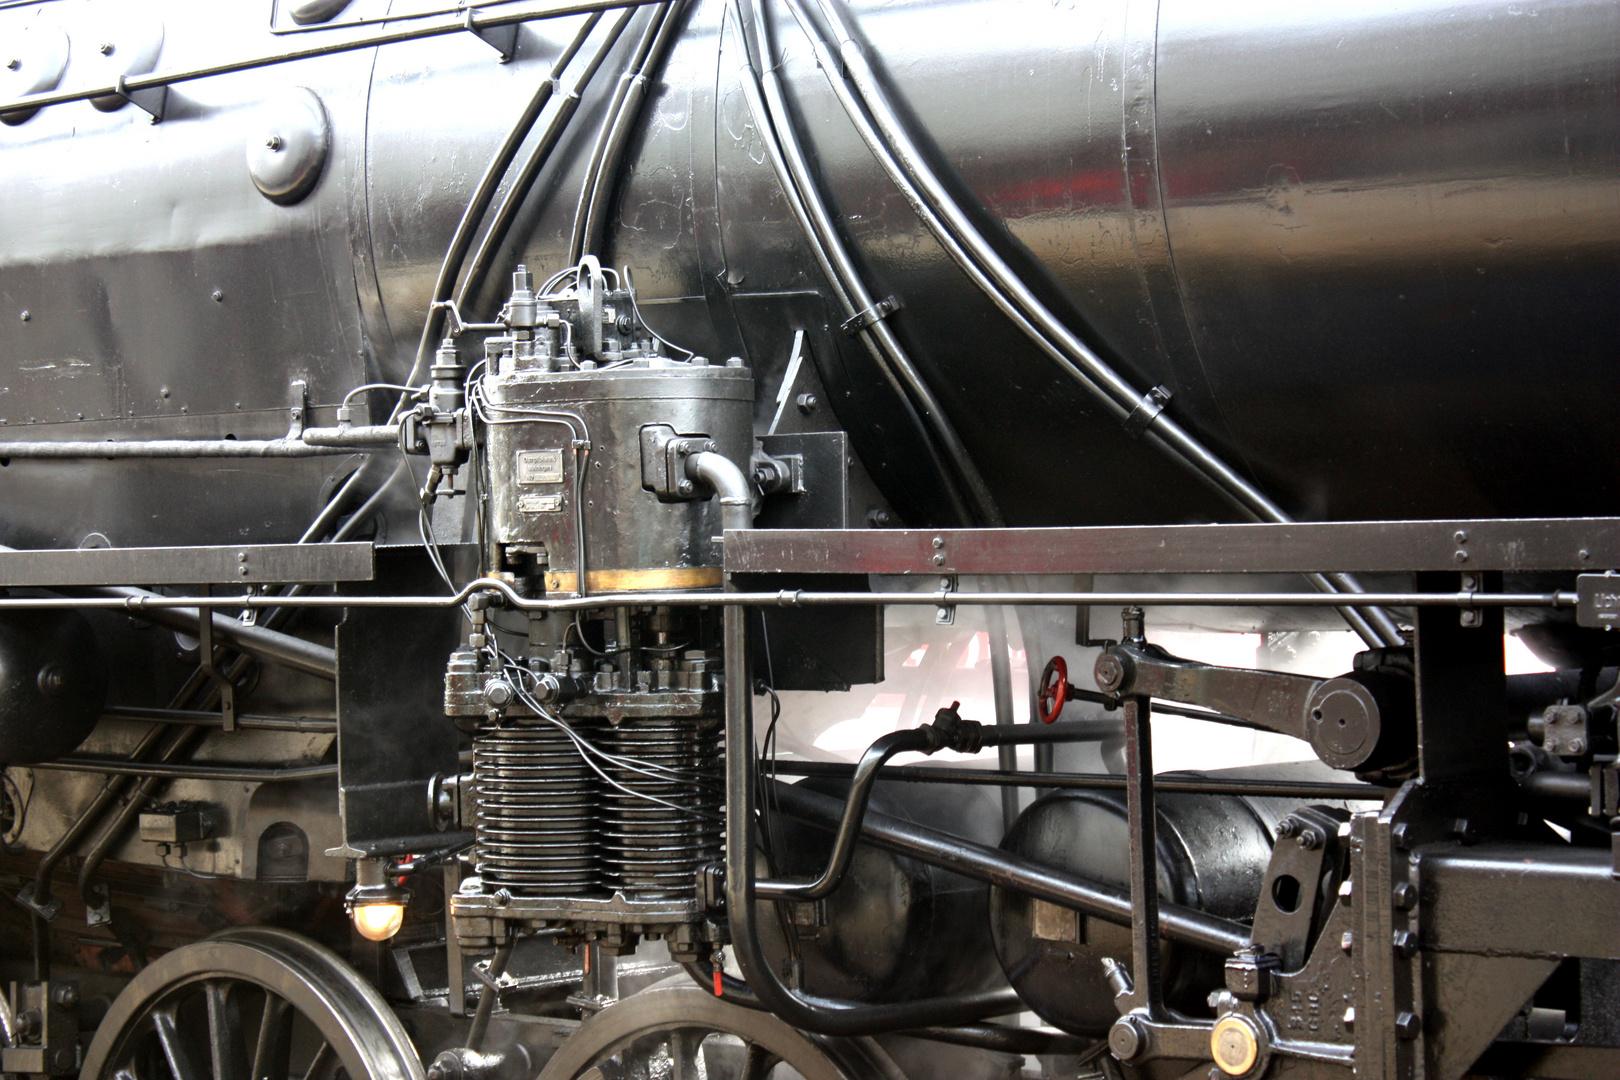 Dampfspektakel 2010 VI